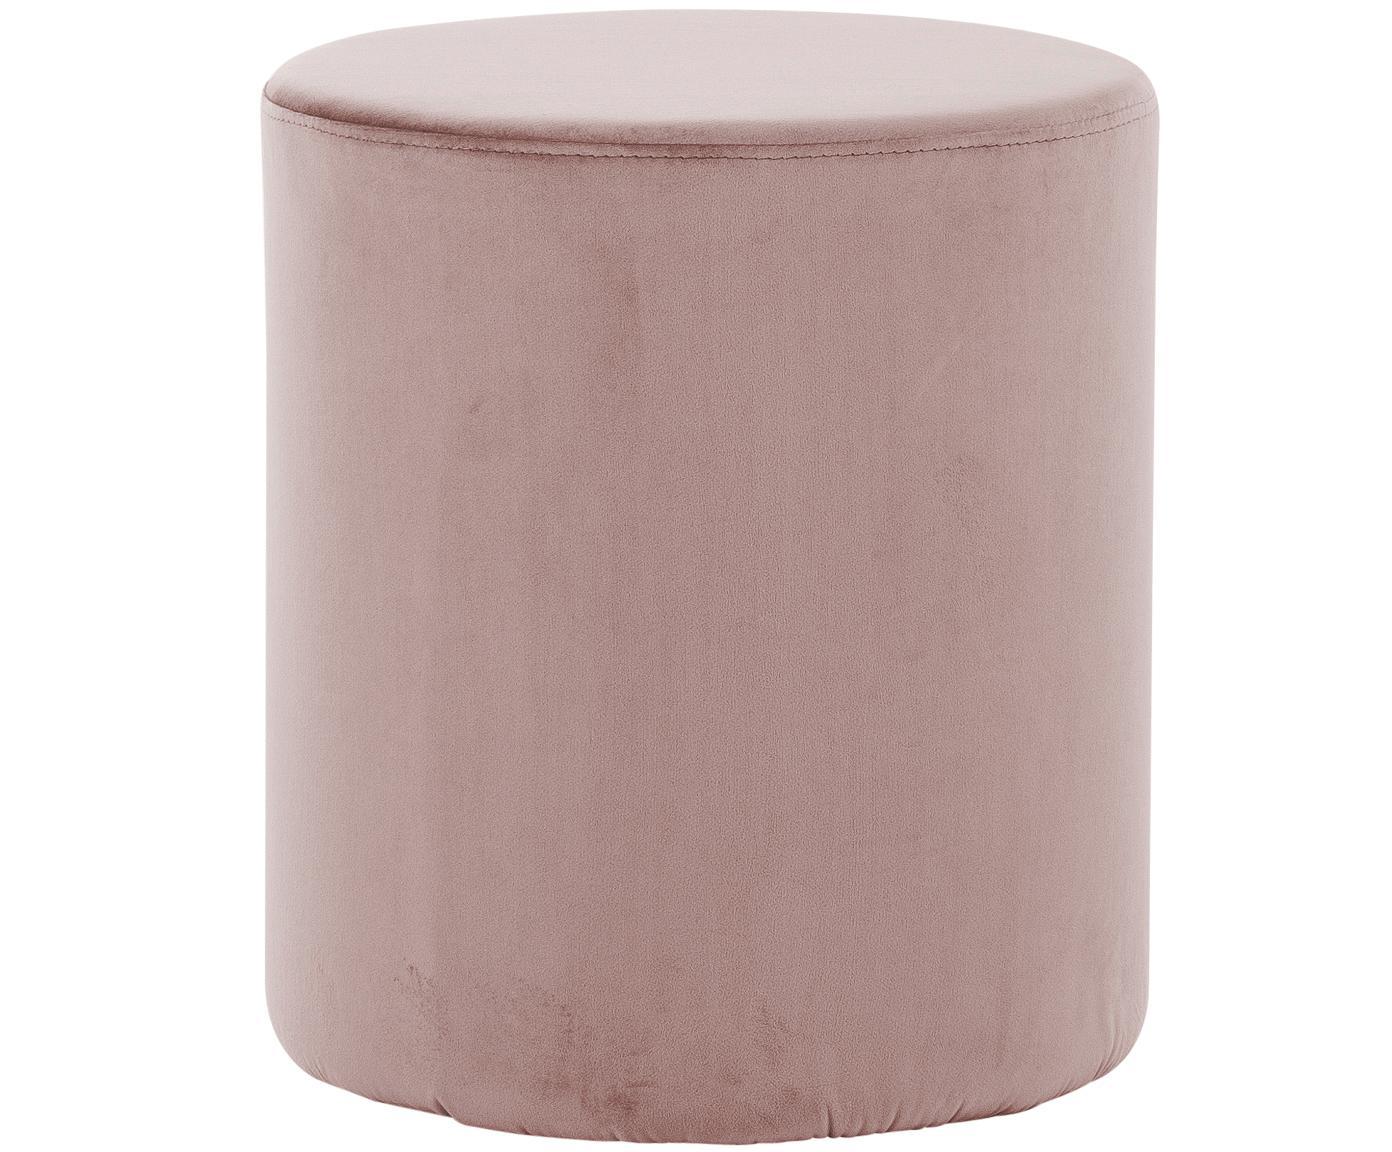 Puf z aksamitu Daisy, Tapicerka: aksamit (poliester), Tapicerka: pianka, 28 kg/m³, Różowy, Ø 40 x W 46 cm